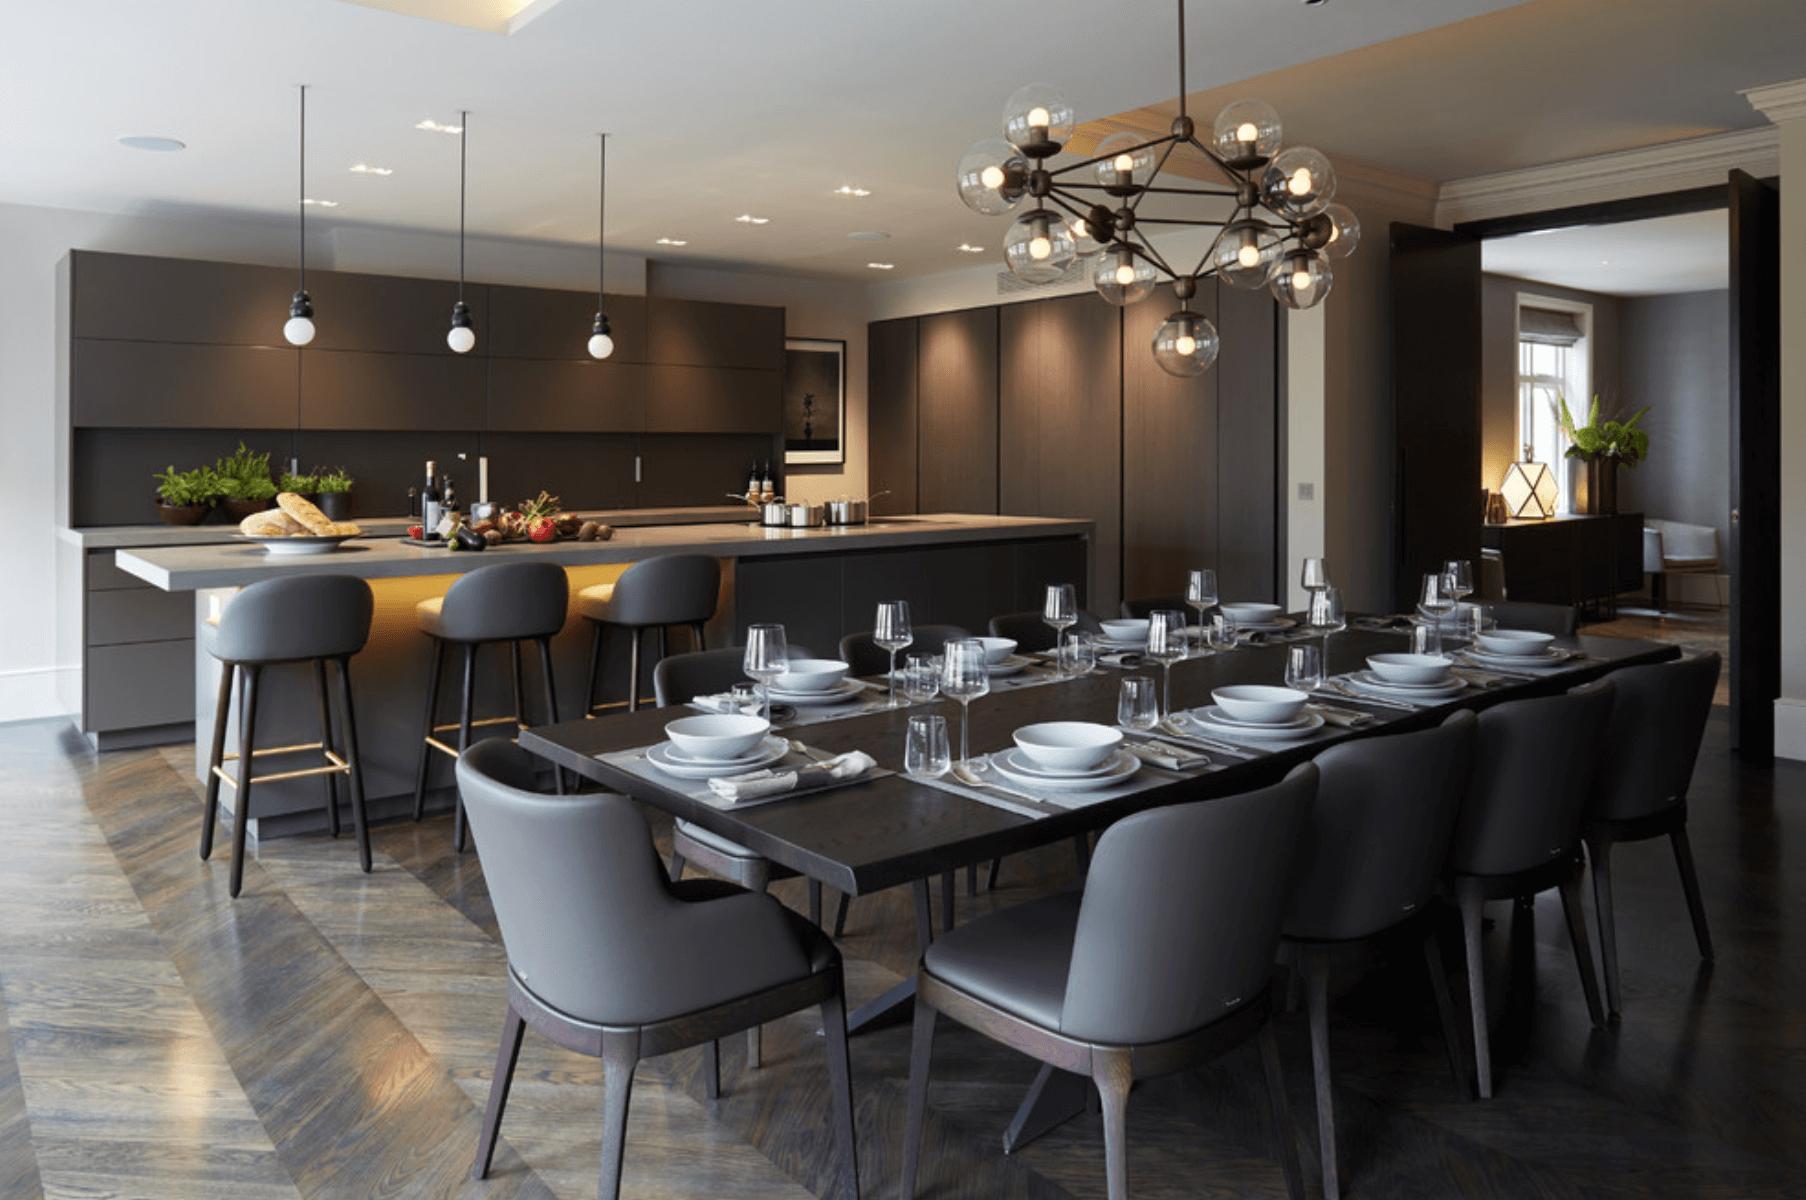 Дизайн кухни в оттенках серого цвета. Фото 2